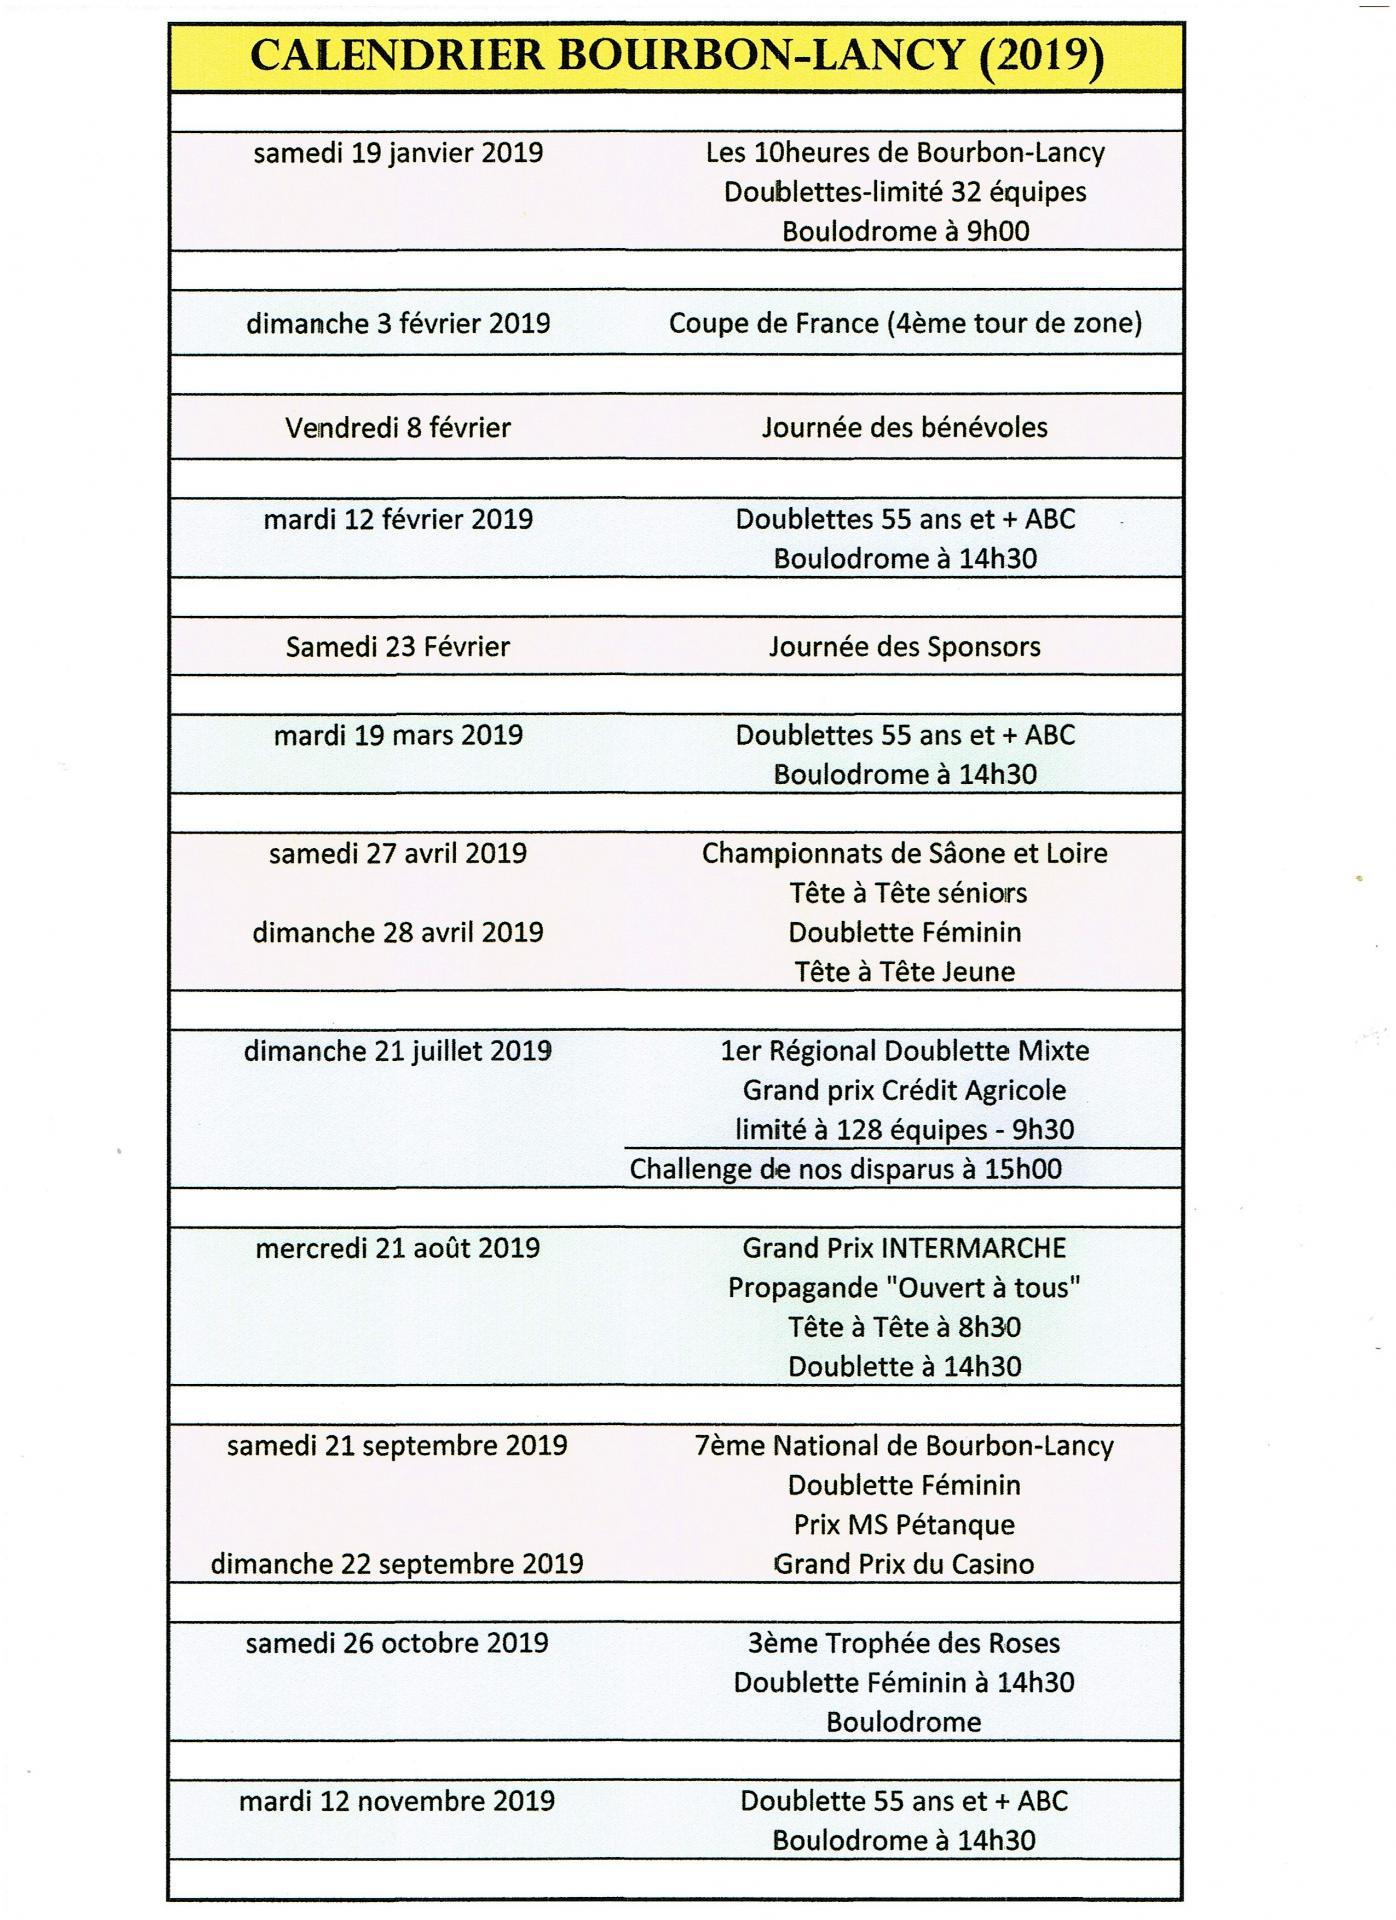 Calendrier Championnat De France Petanque 2019.Calendrier 2019 Bourbon Lancy